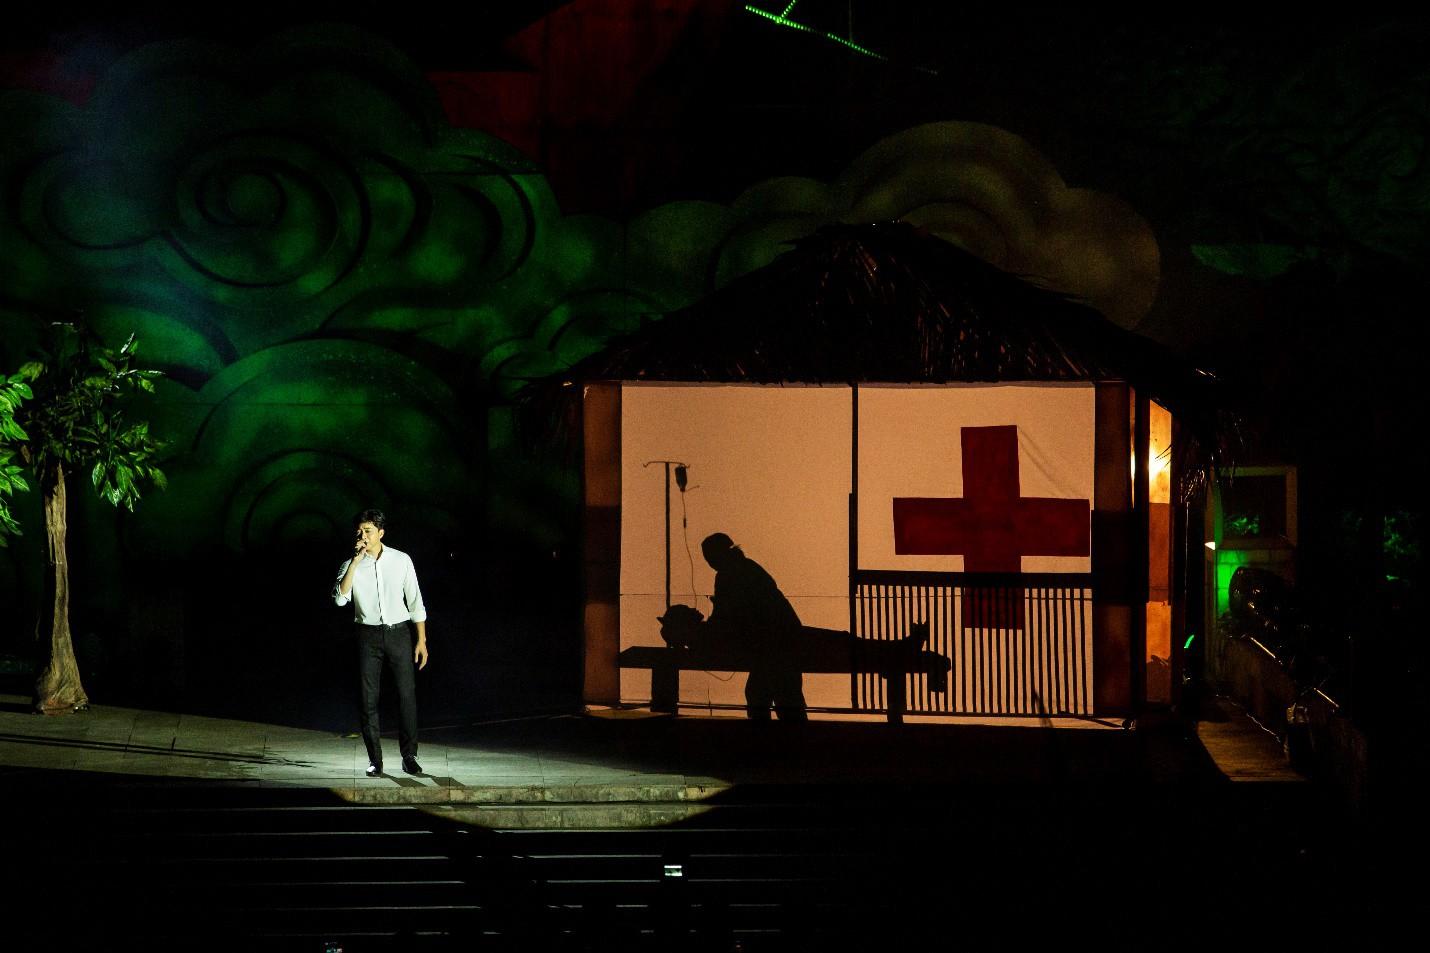 Hàng loạt ngôi sao âm nhạc hội tụ trong đêm nghệ thuật Câu chuyện hòa bình tại Quảng Bình - Ảnh 9.